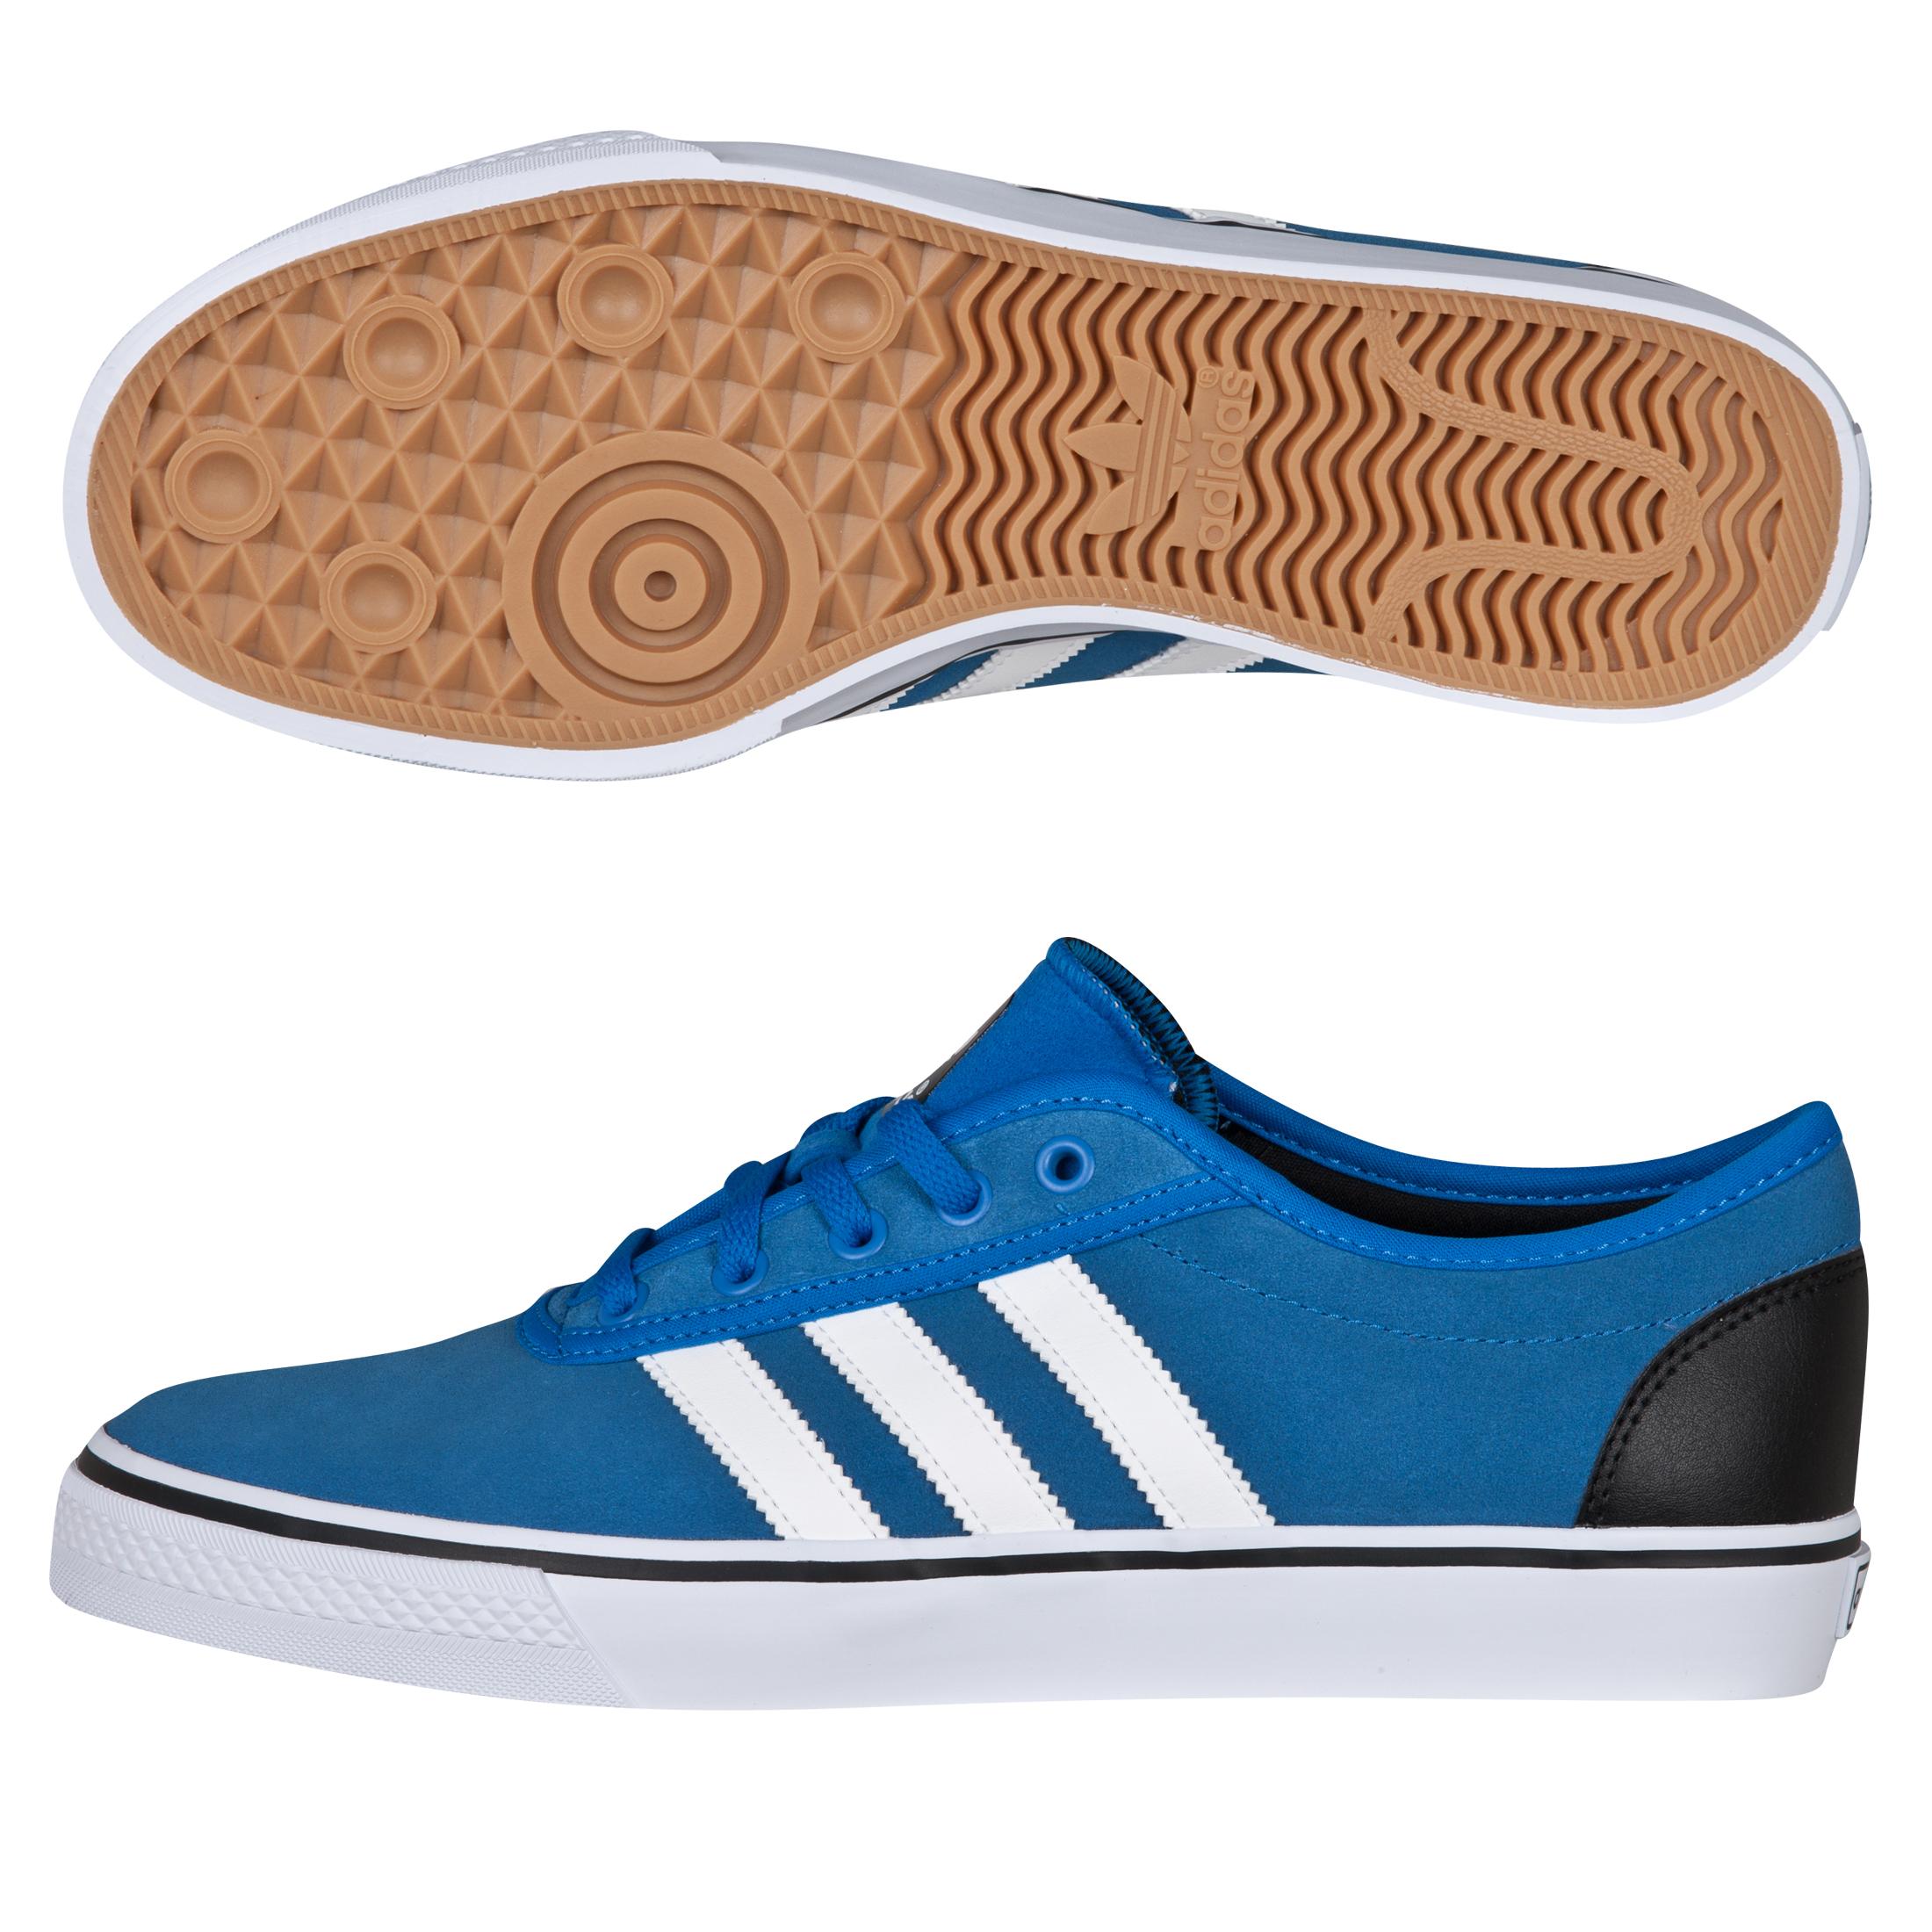 Adidas Originals Adi Ease Suede Trainers - Bluebird/White/Black